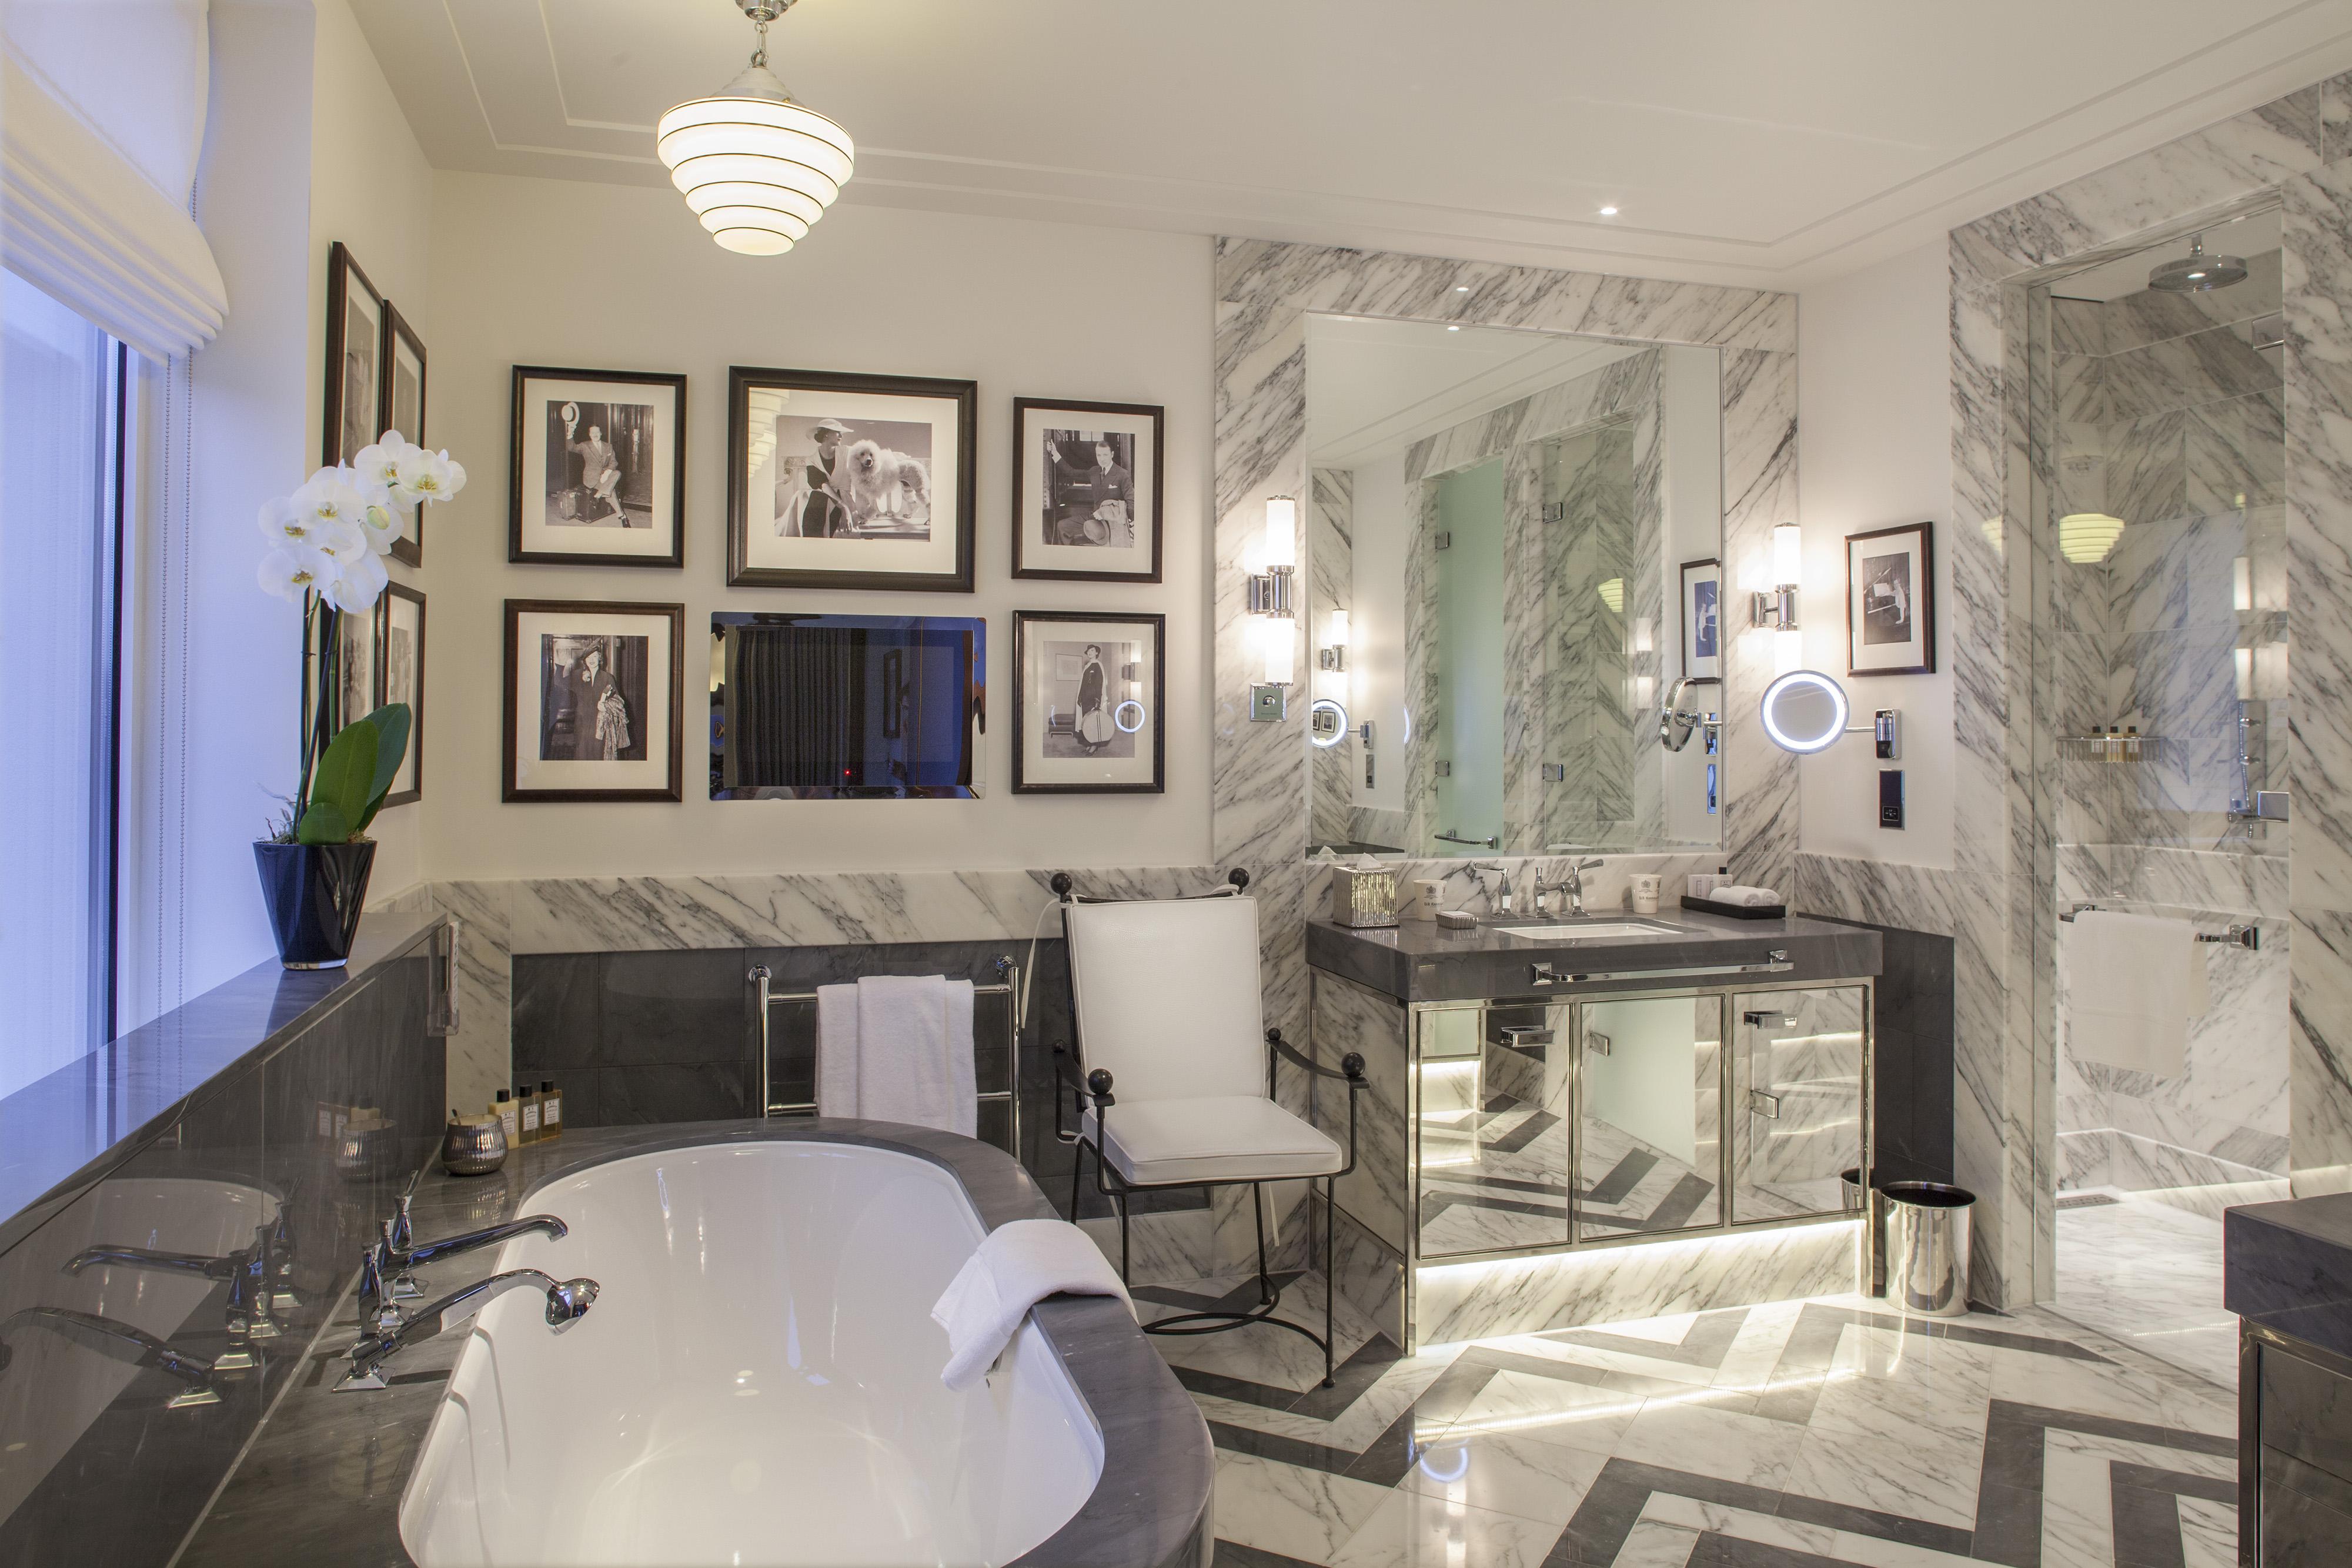 8305-presidential-bathroom-wide.jpg